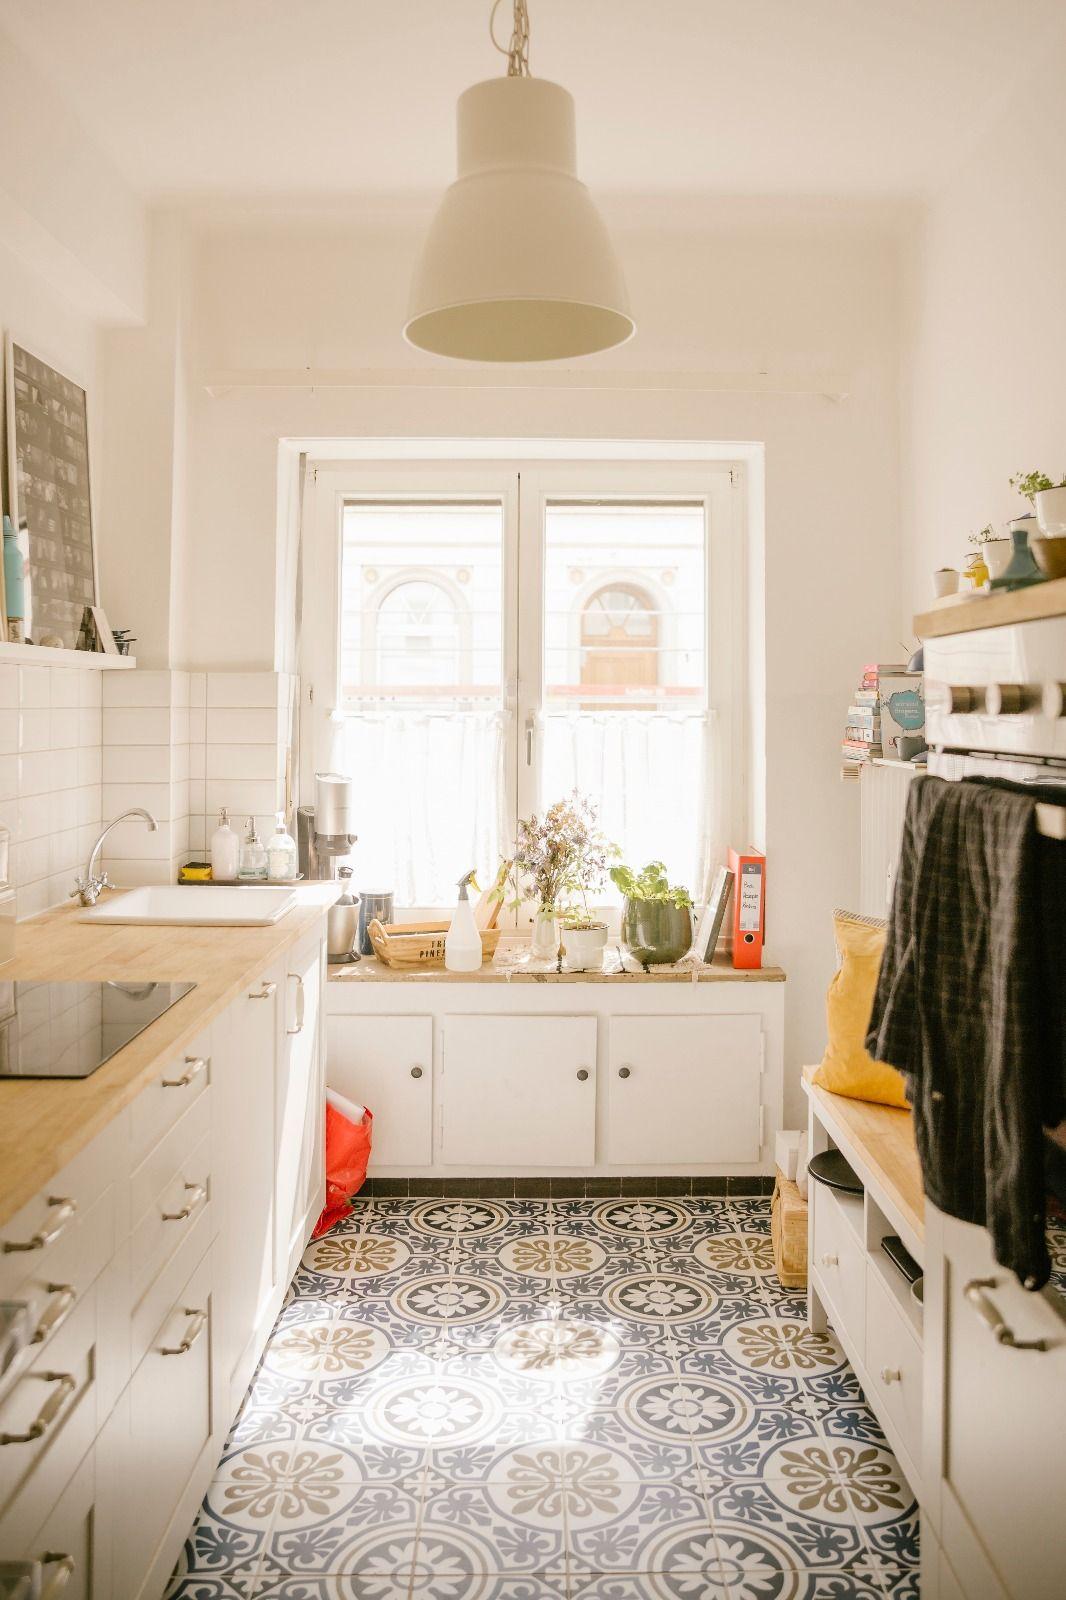 Wunderschöne Küche mit buten Fliesen  Haus küchen, Fliesen küche